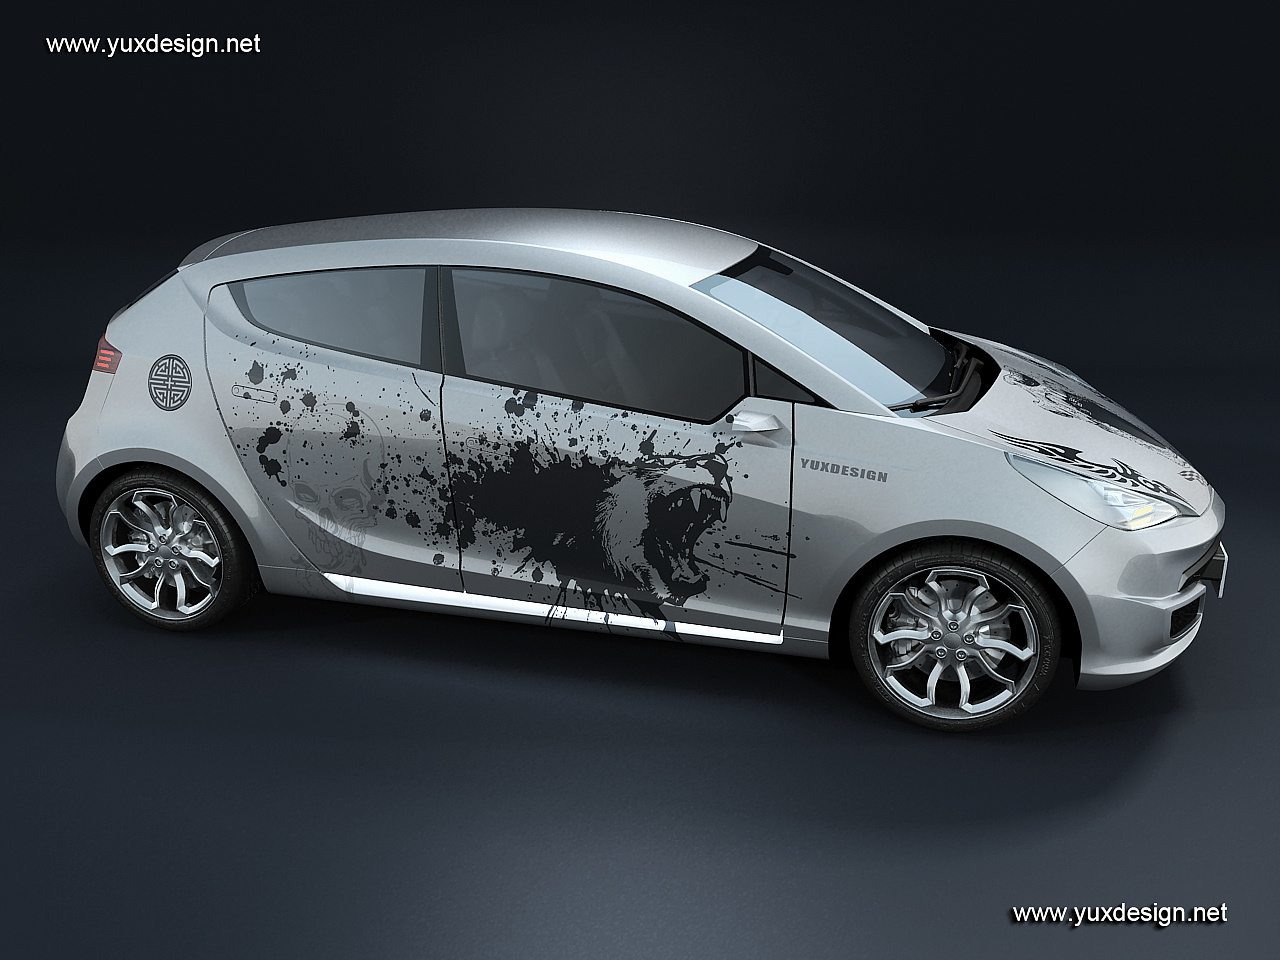 工业产品设计网站_Flatiron汽车网站互动展示|工业/产品|交通工具|yuxdesign - 原创作品 ...